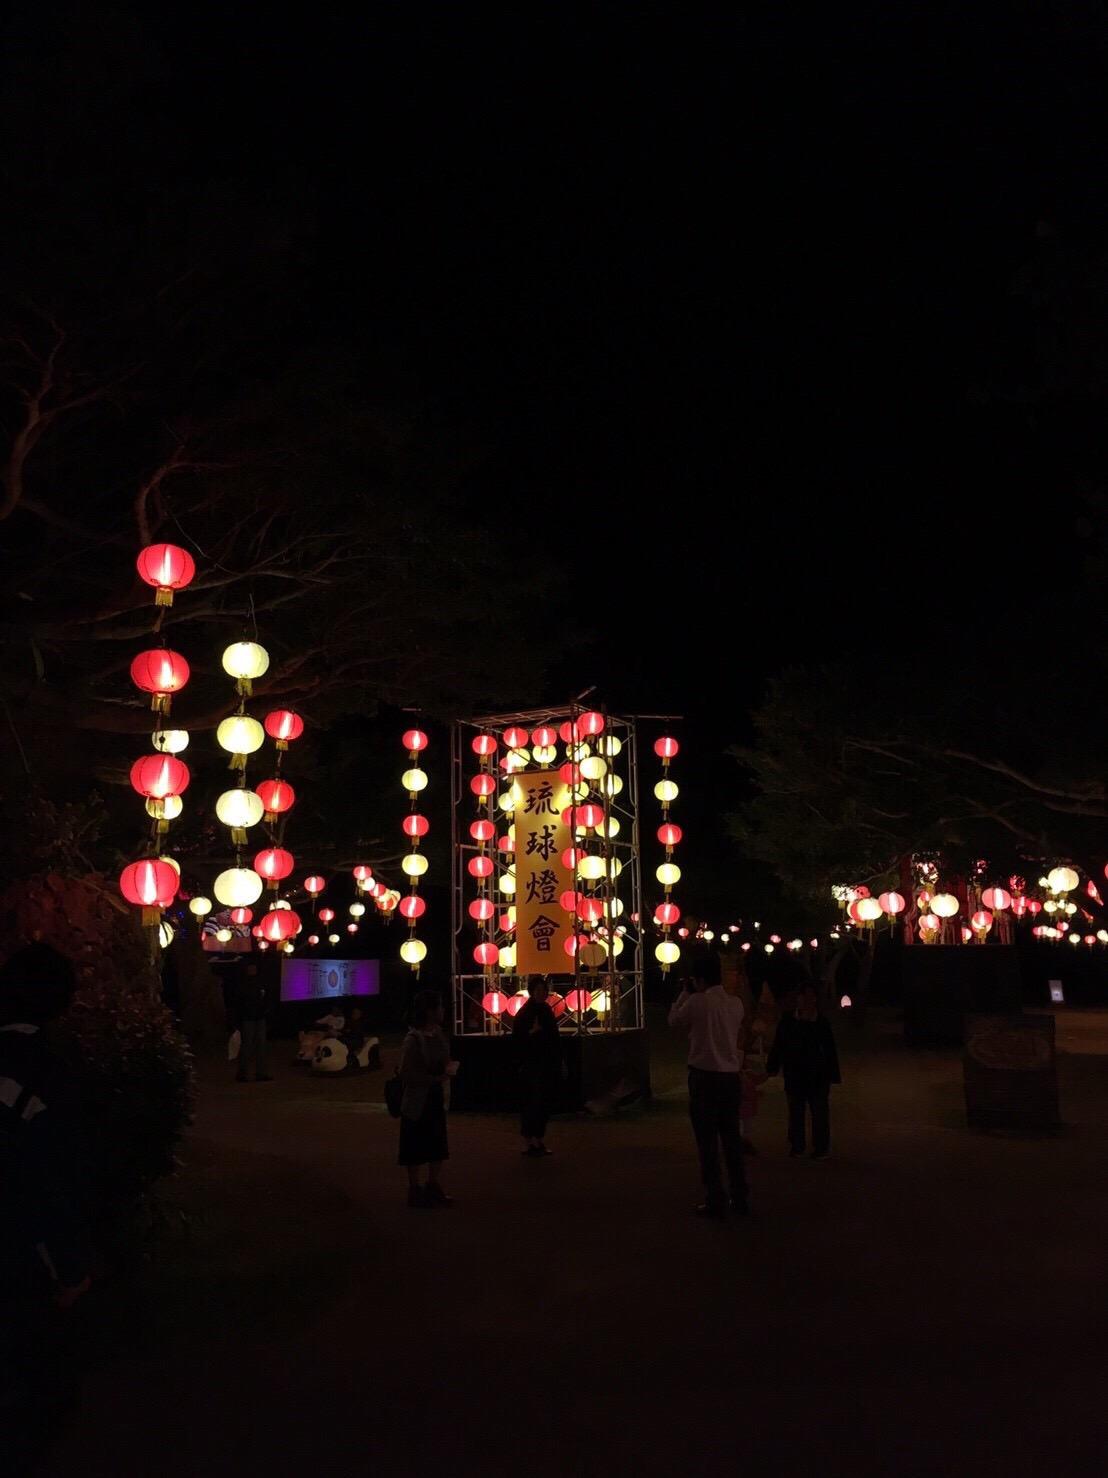 秋から冬にかけてランタン祭りが開催